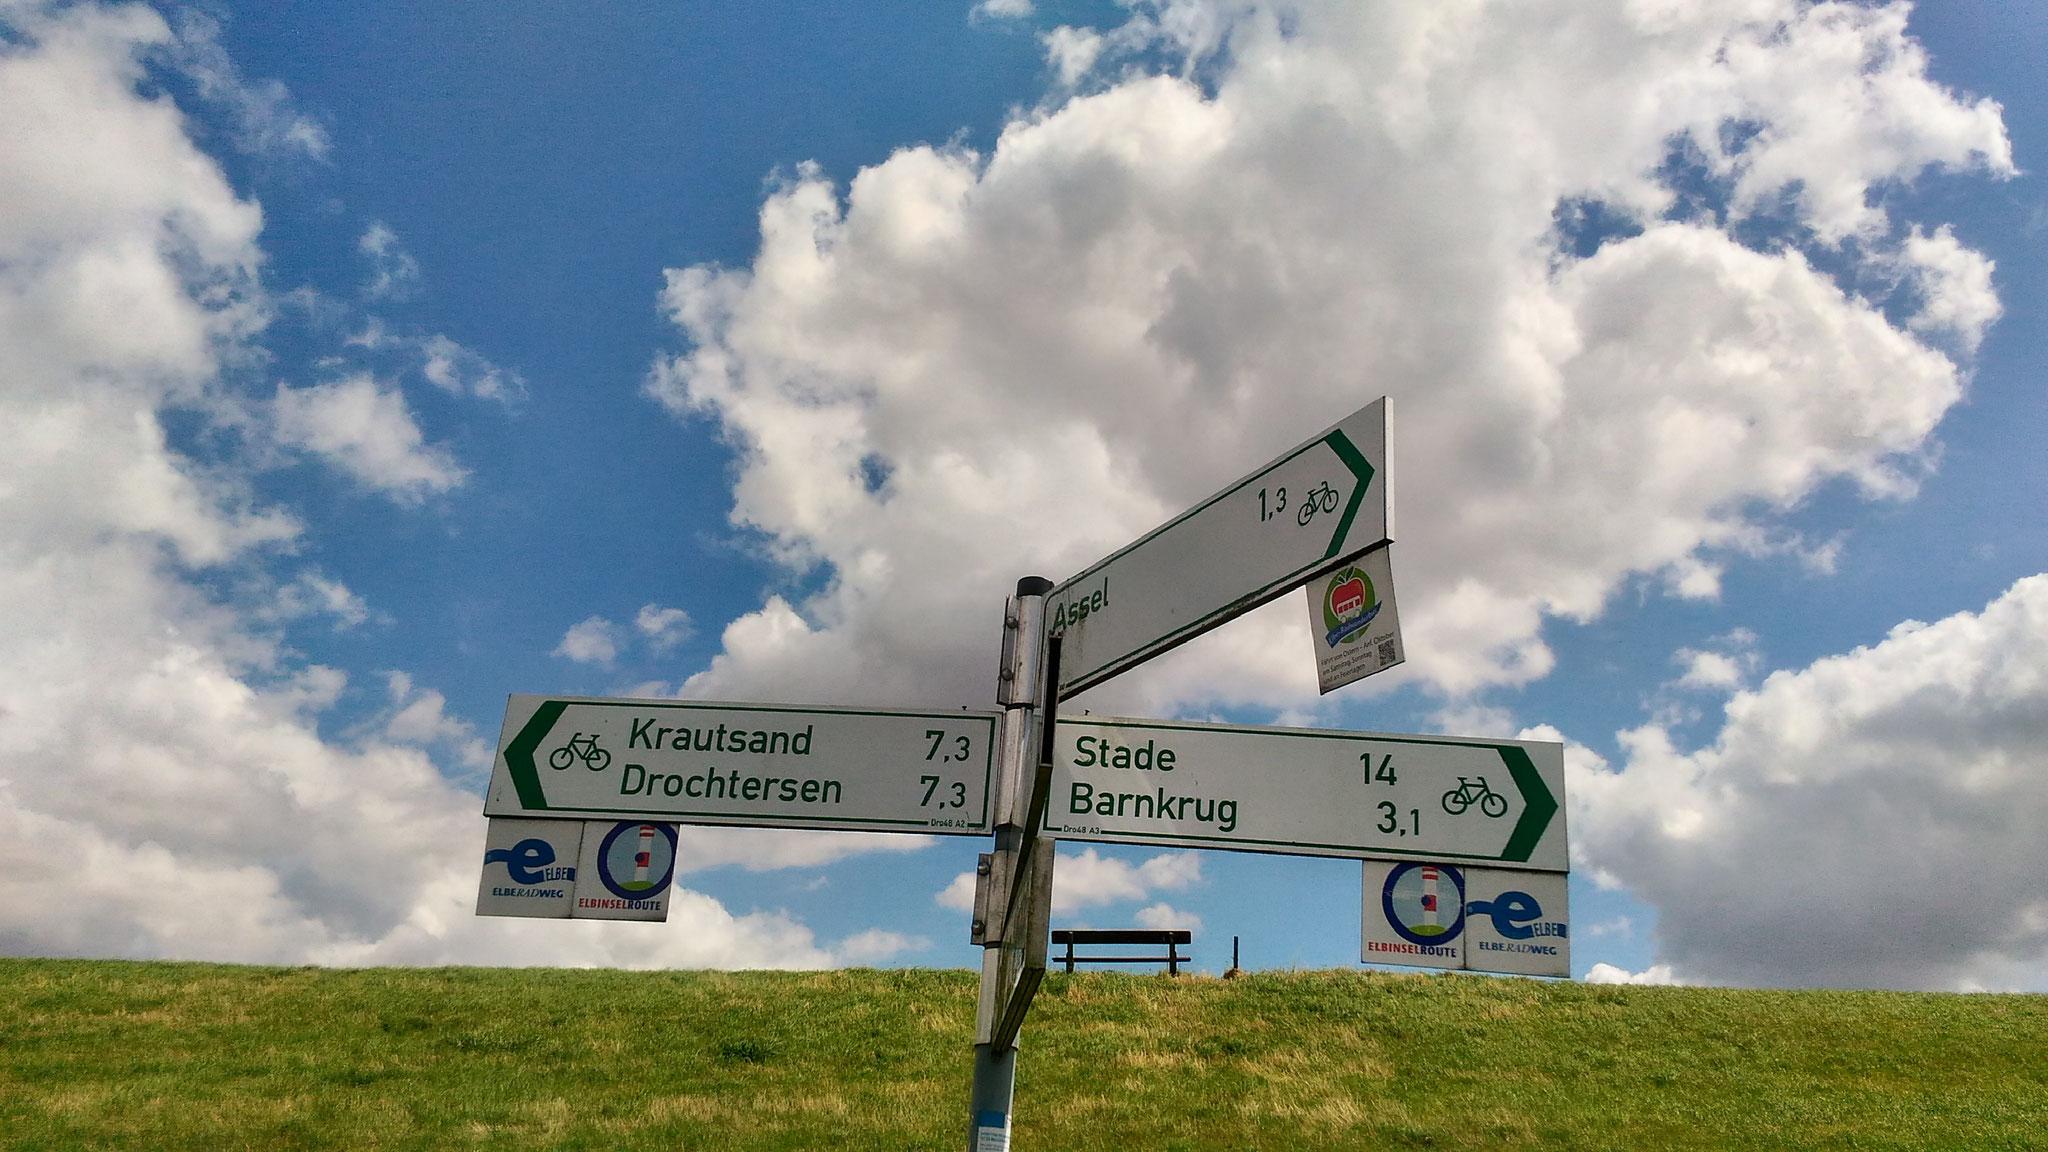 Pa Elbradweg jeb Elbas veloceliņu. Tā kopējais garums ir 1300 km – no Elbas iztekas Labska Bouda, Čehijā līdz pat tās ietekai Ziemeļjūrā pie Cuxhaven, Vācijas ziemeļos.